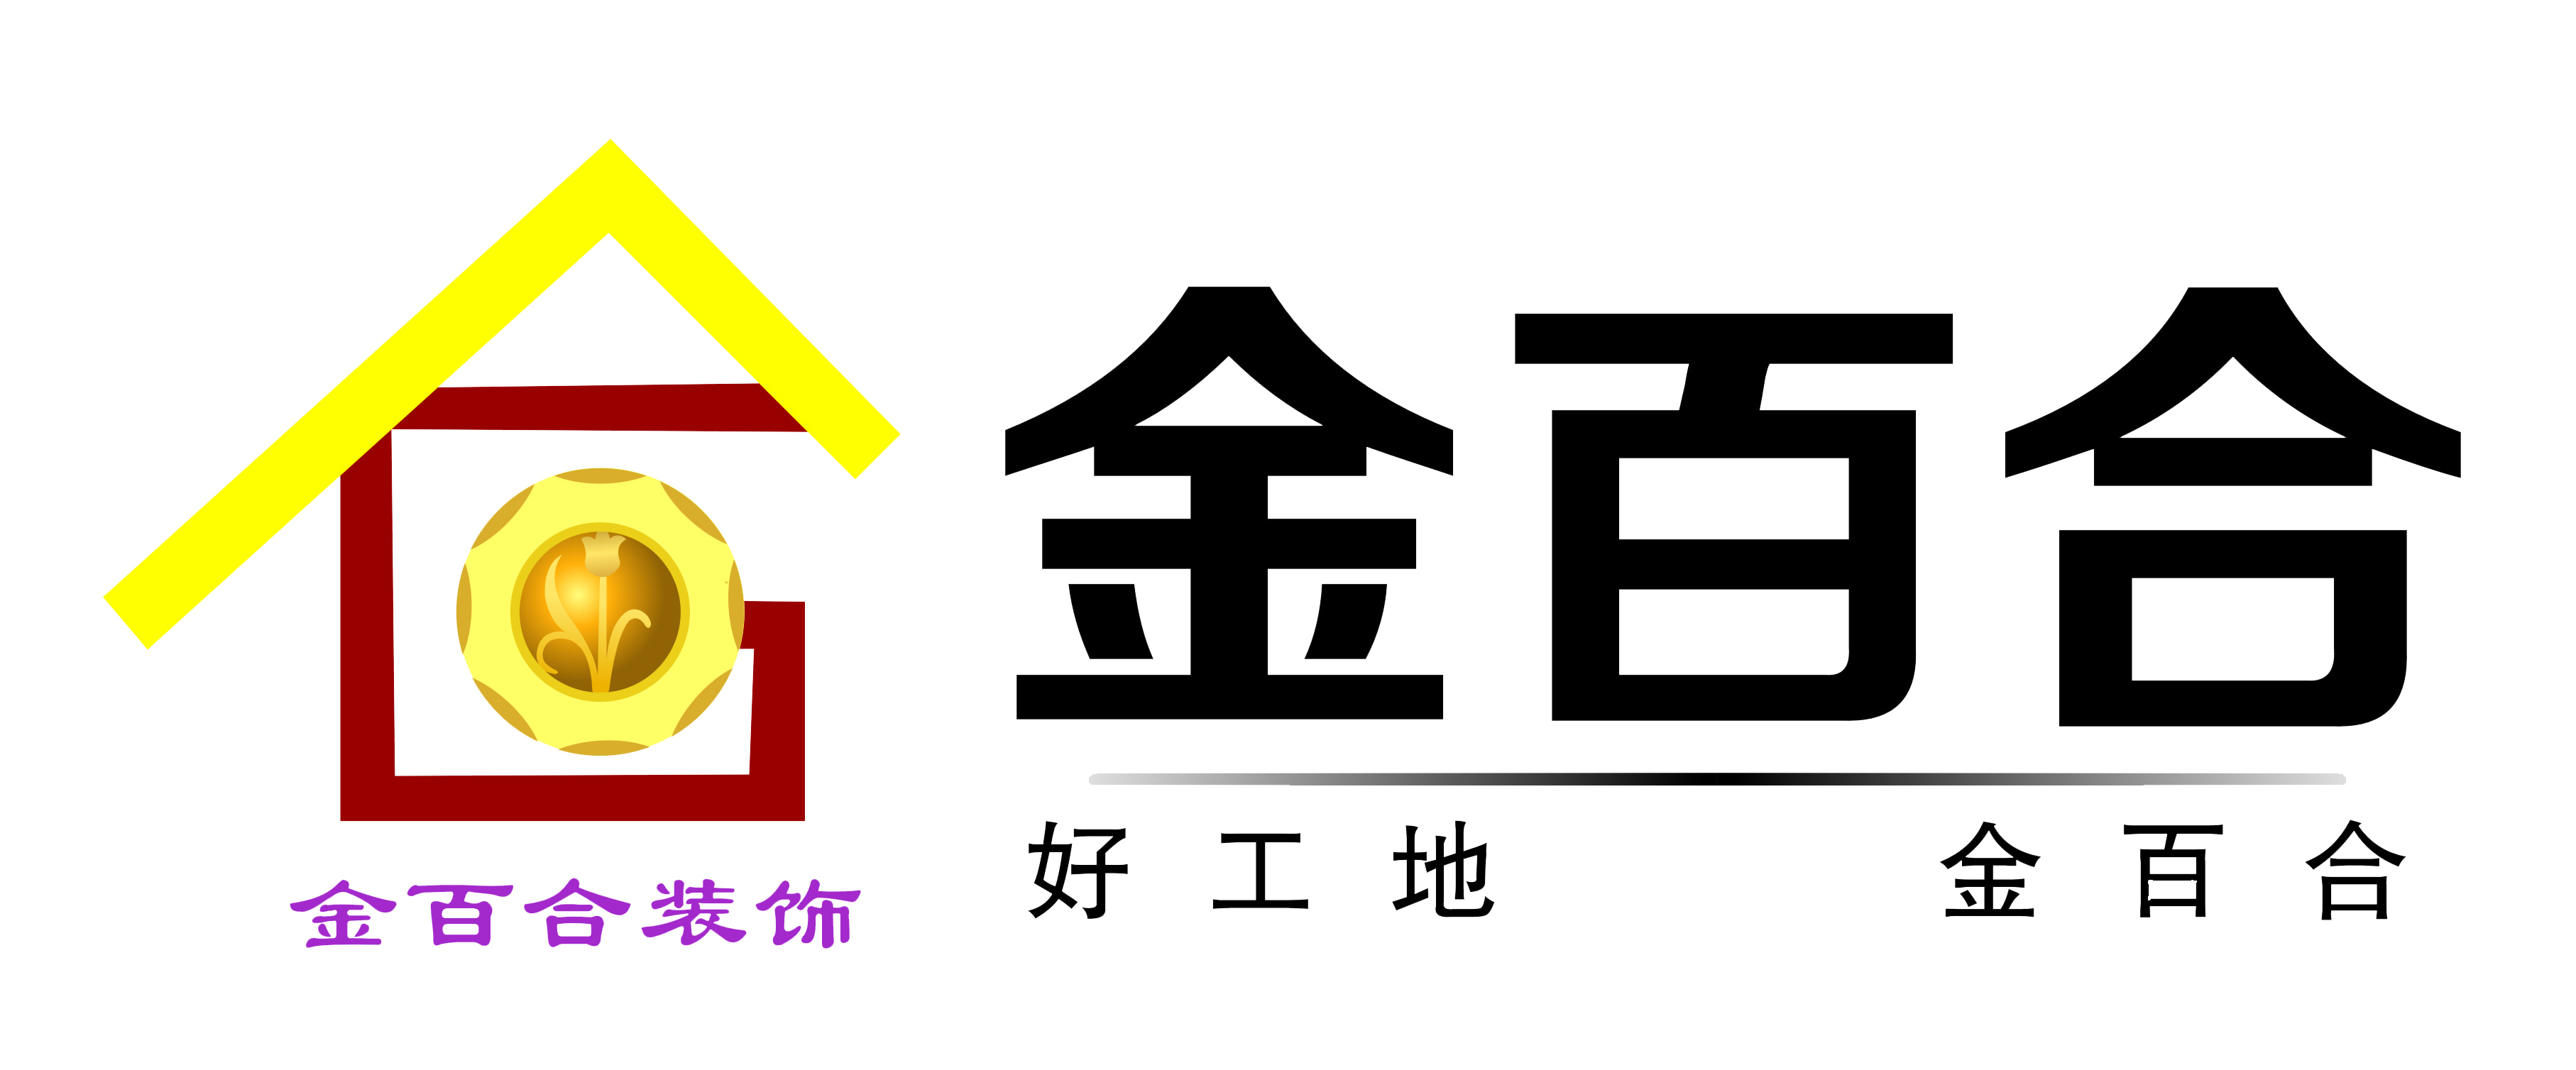 岳阳金百合装饰有限责任公司